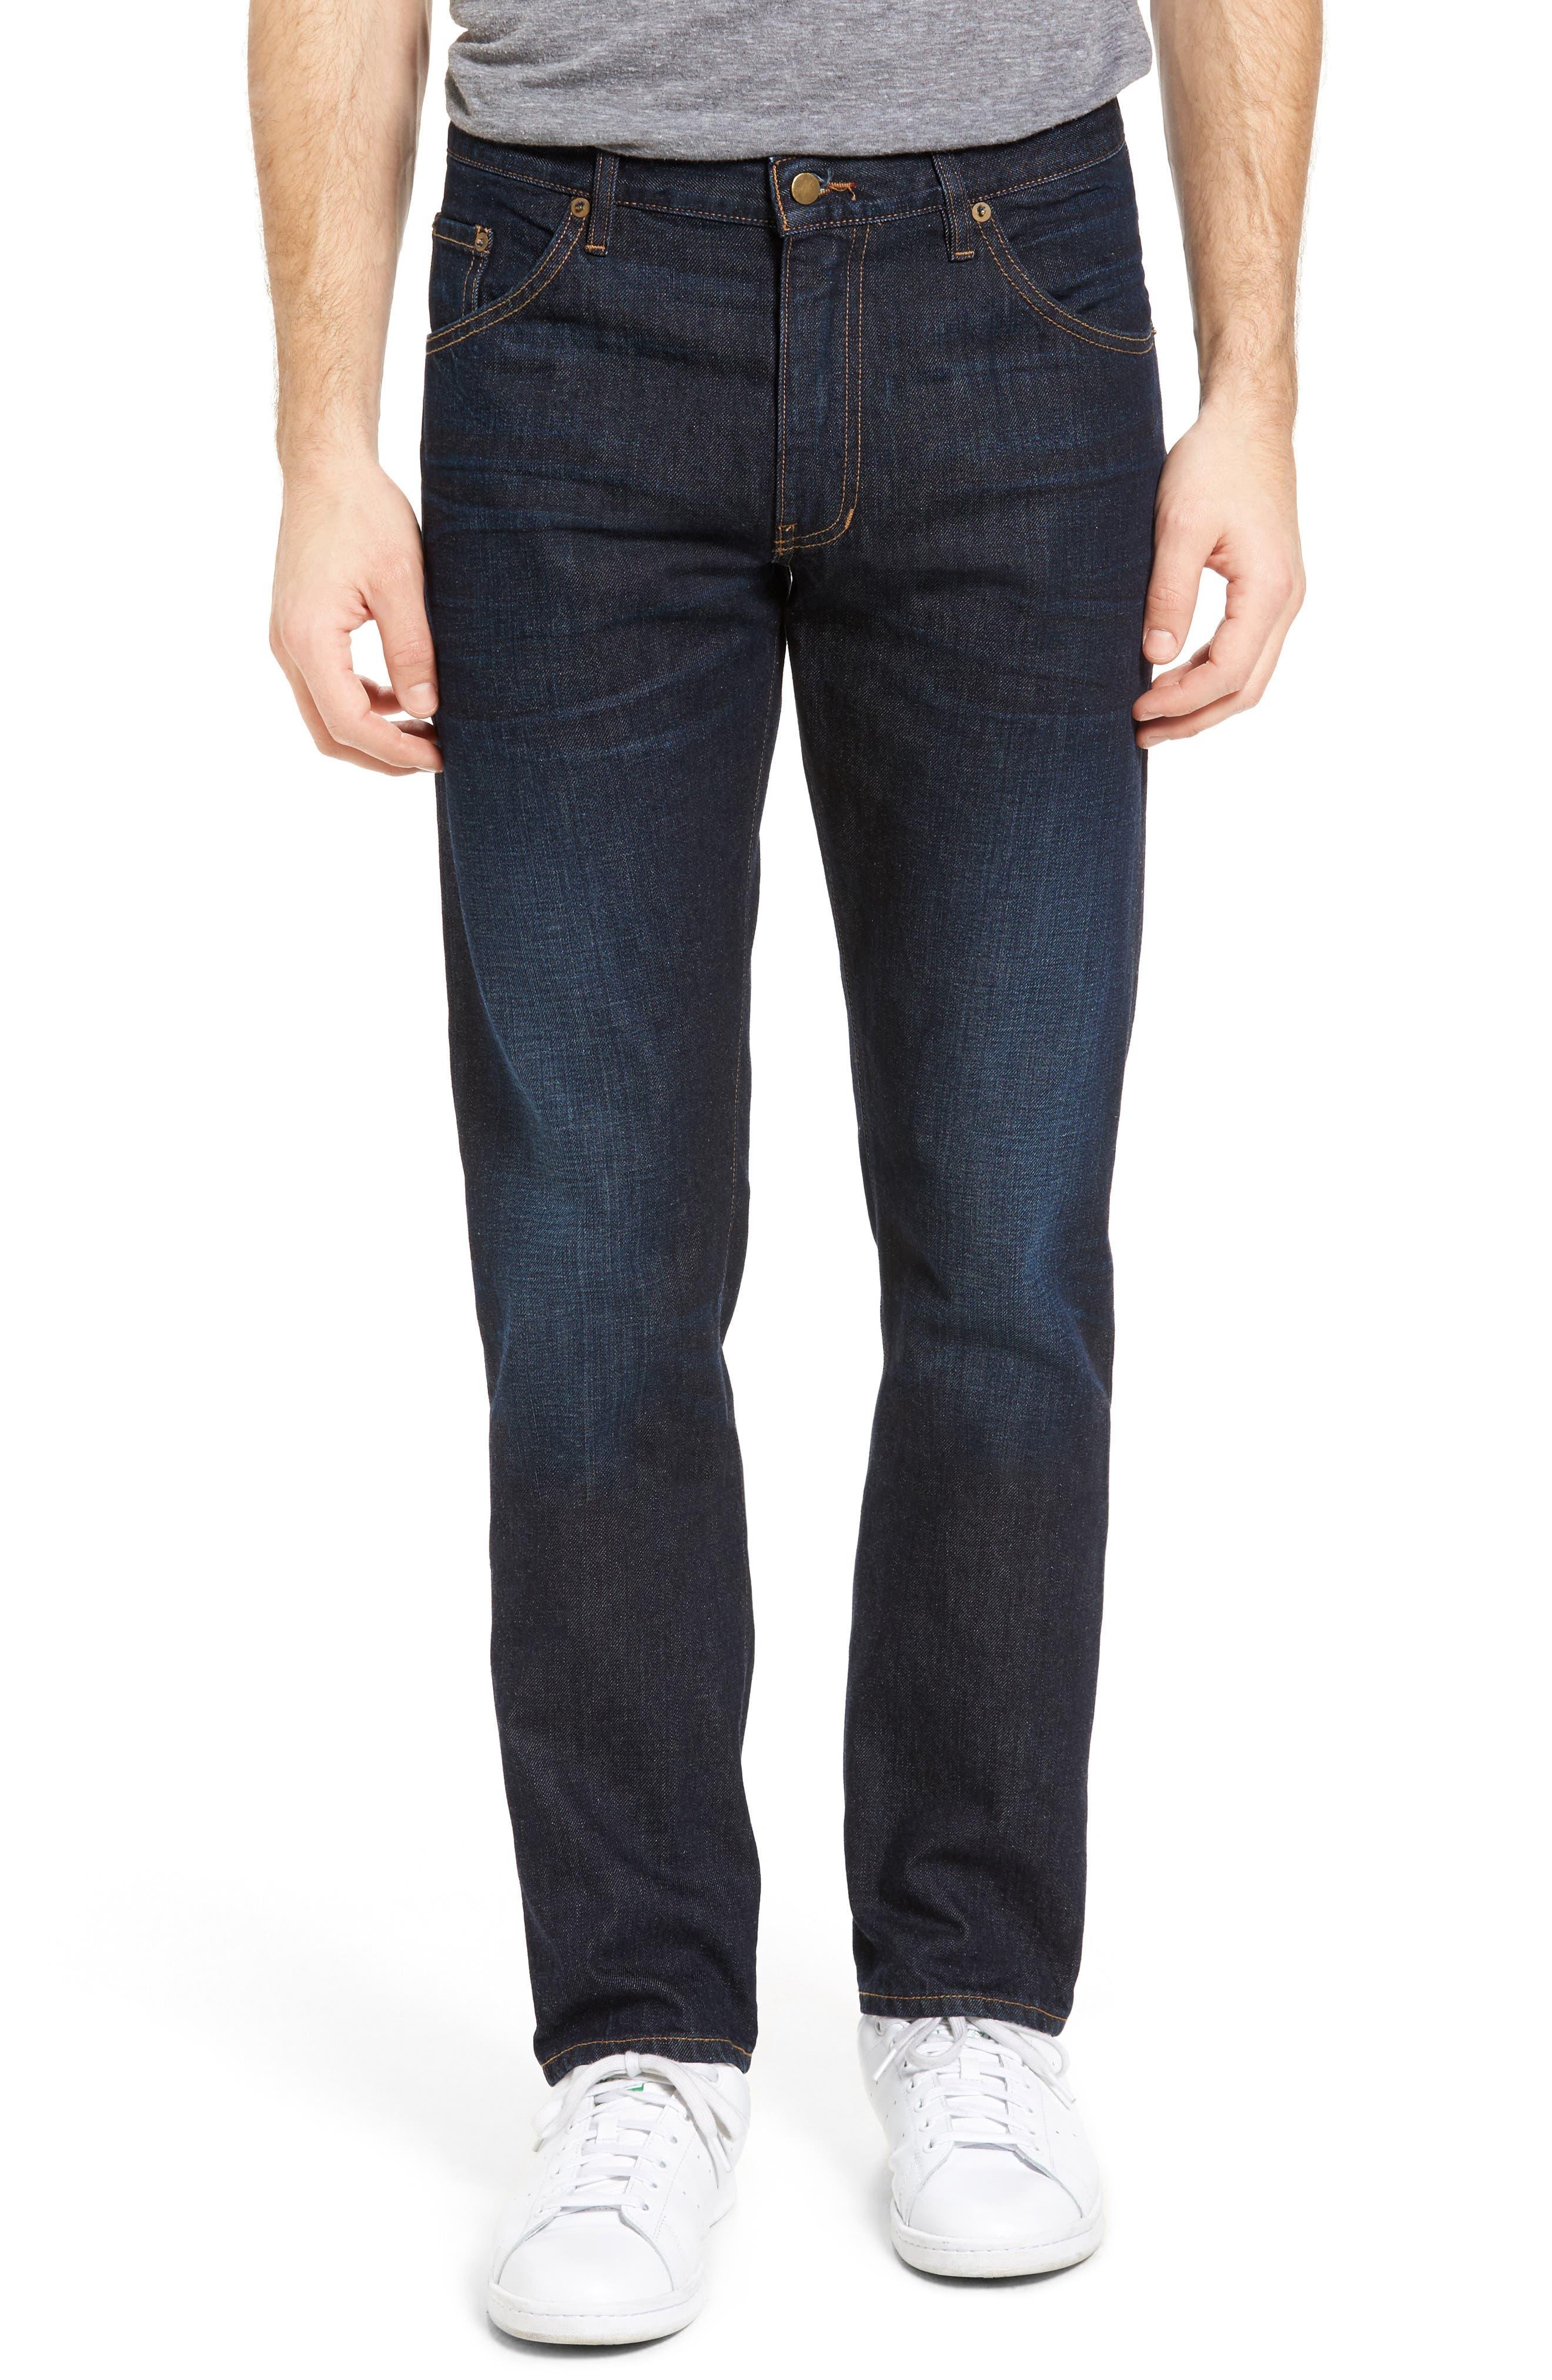 Raleigh Jeans Jones Slim Fit Jeans